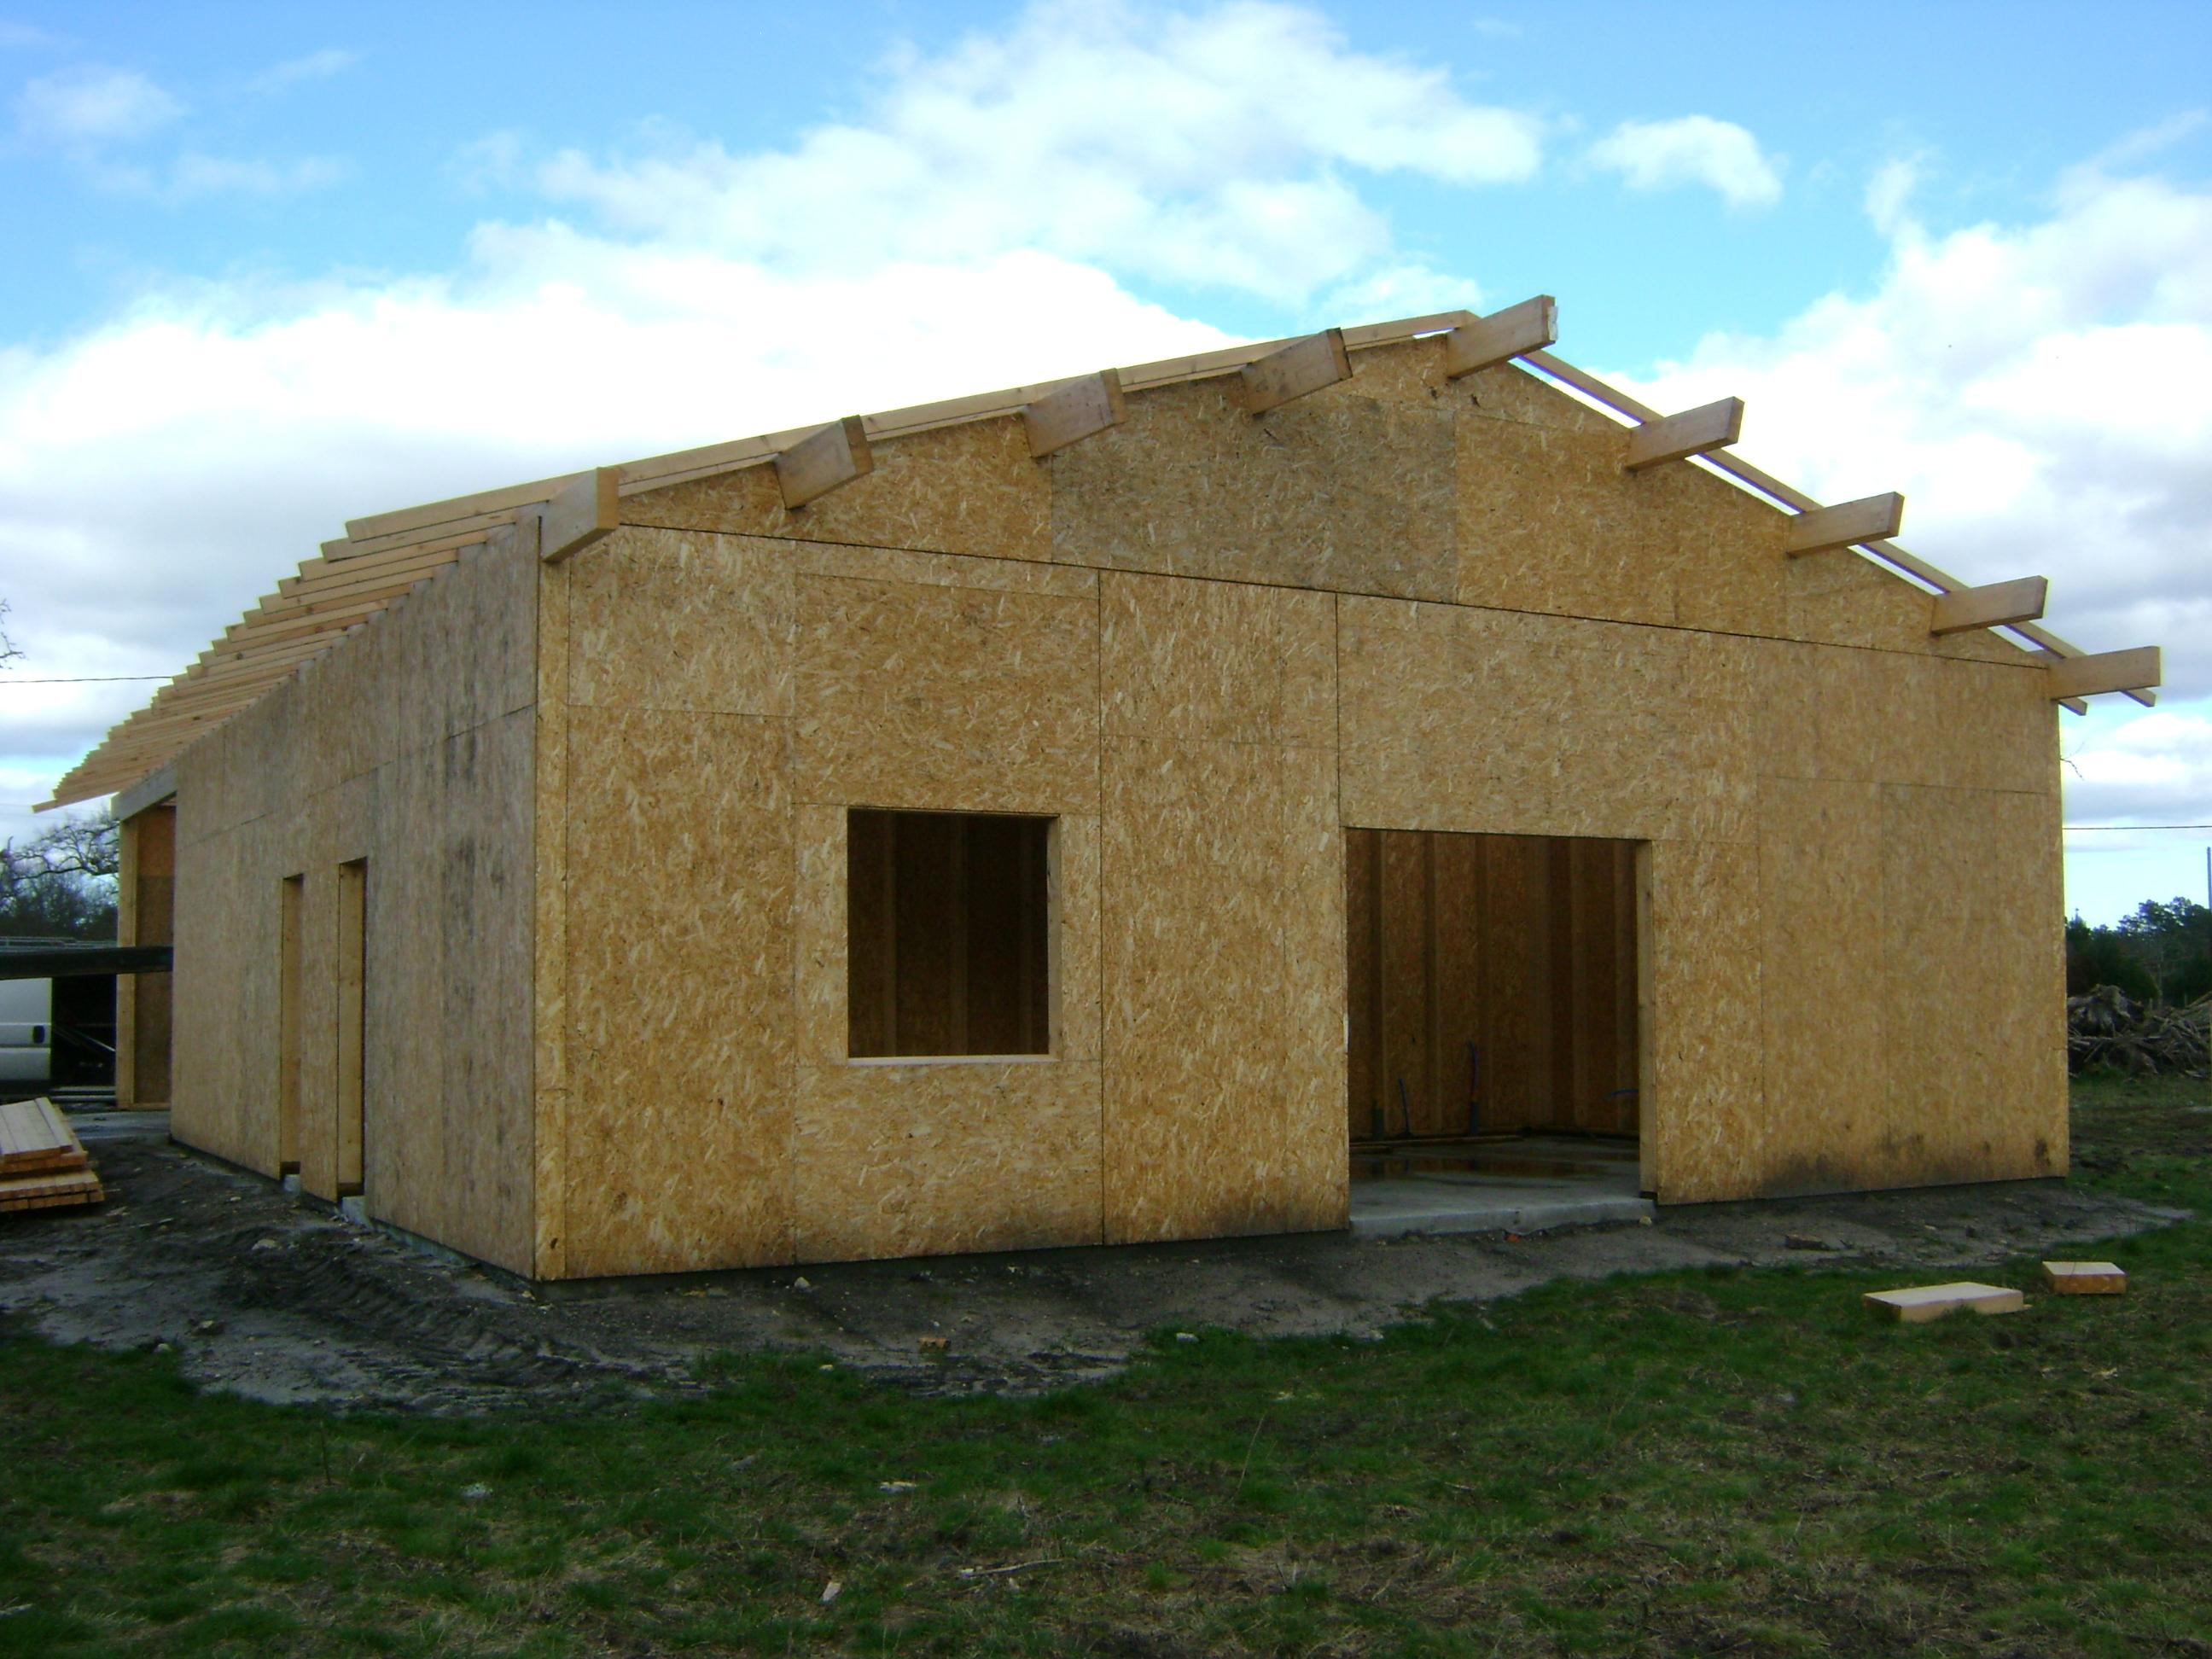 maison ossature bois aquitaine 28 images maison ossature bois gironde, maison 224 poteaux  # Construction Bois Gironde